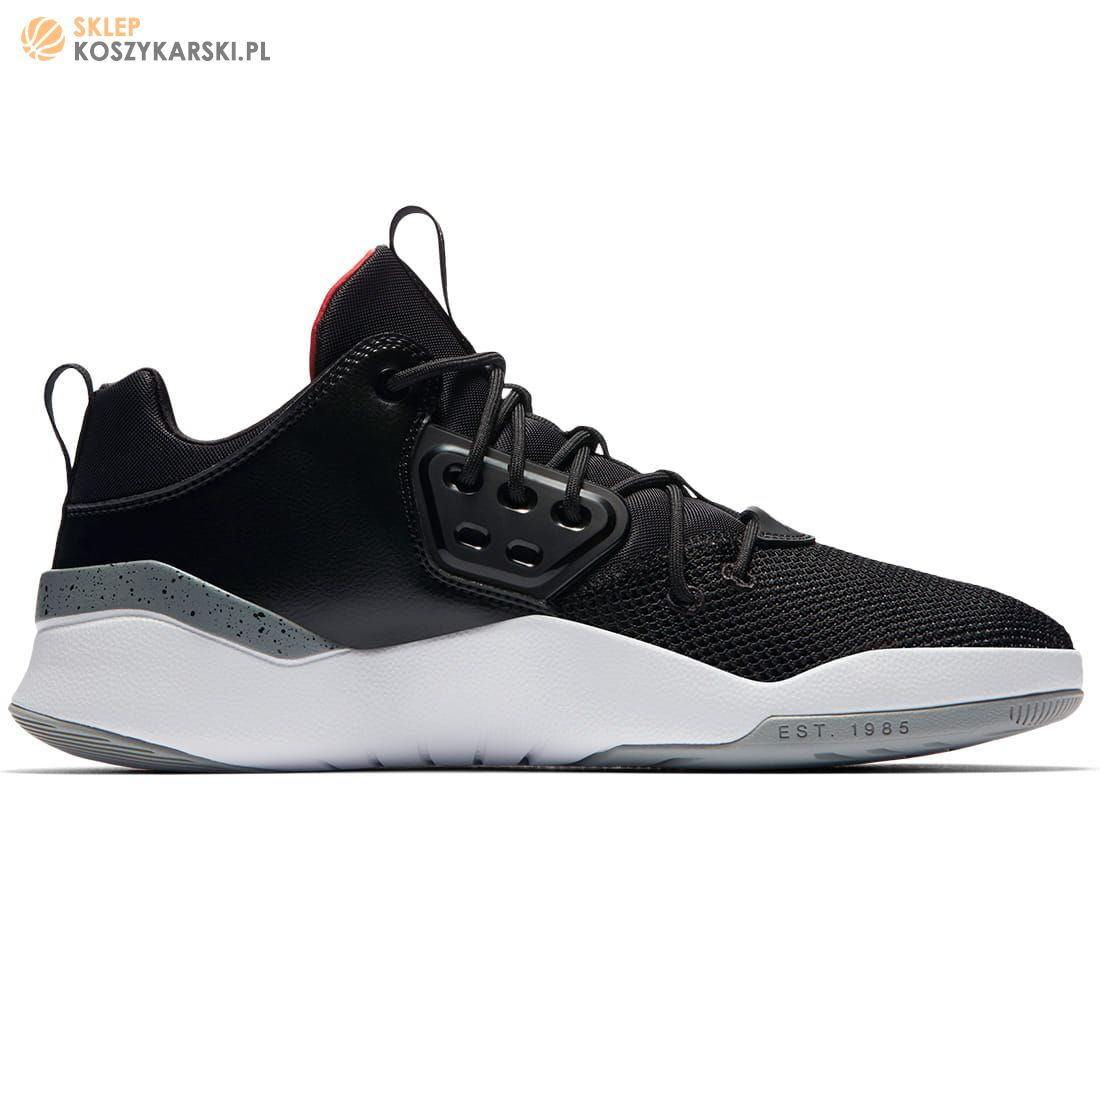 Buty do koszykówki Jordan DNA (AO1539 023)